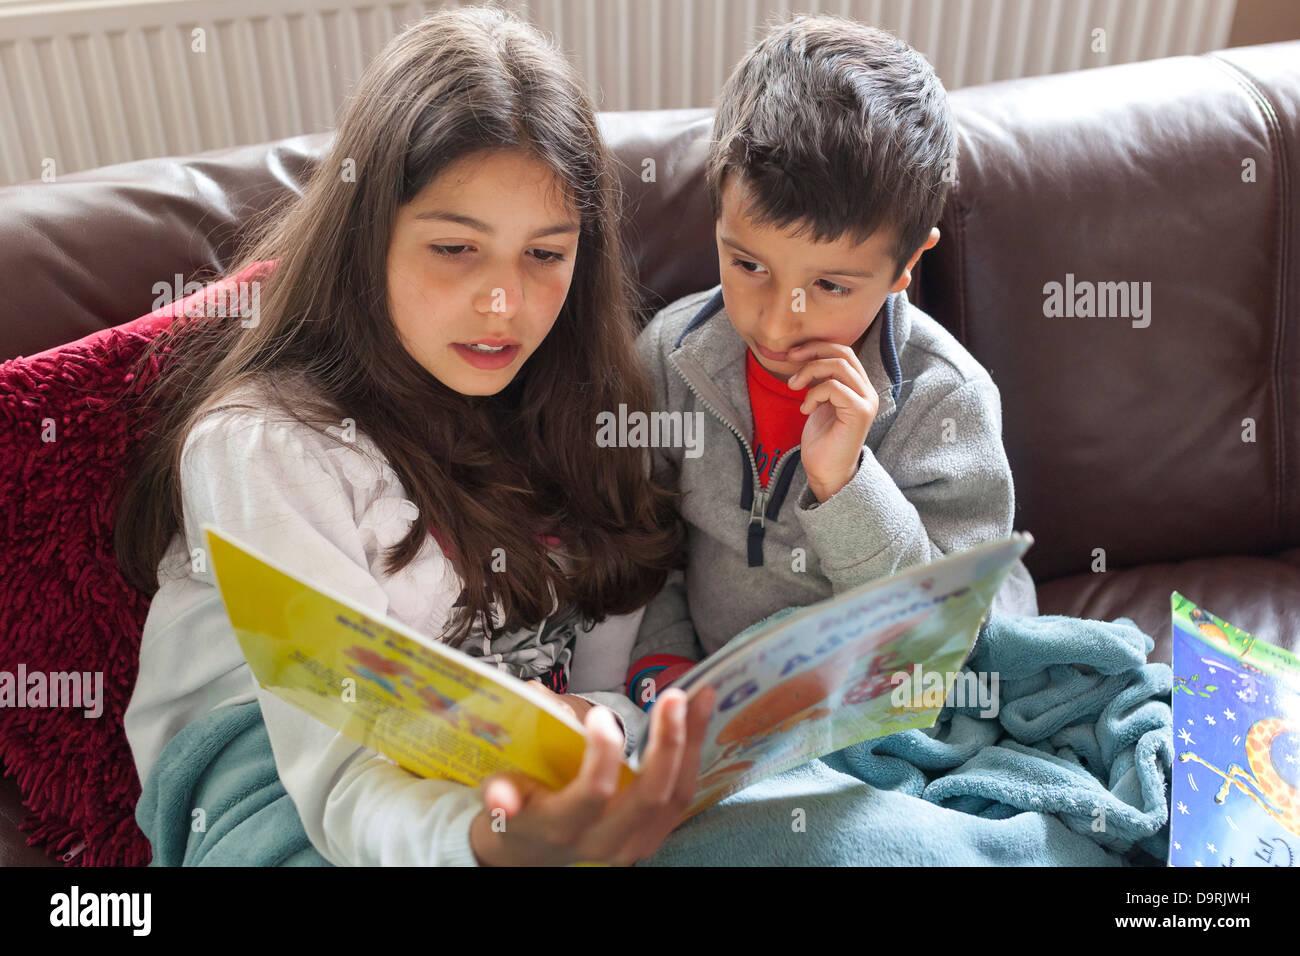 La hermana mayor de la lectura de un cuento a su hermano Imagen De Stock